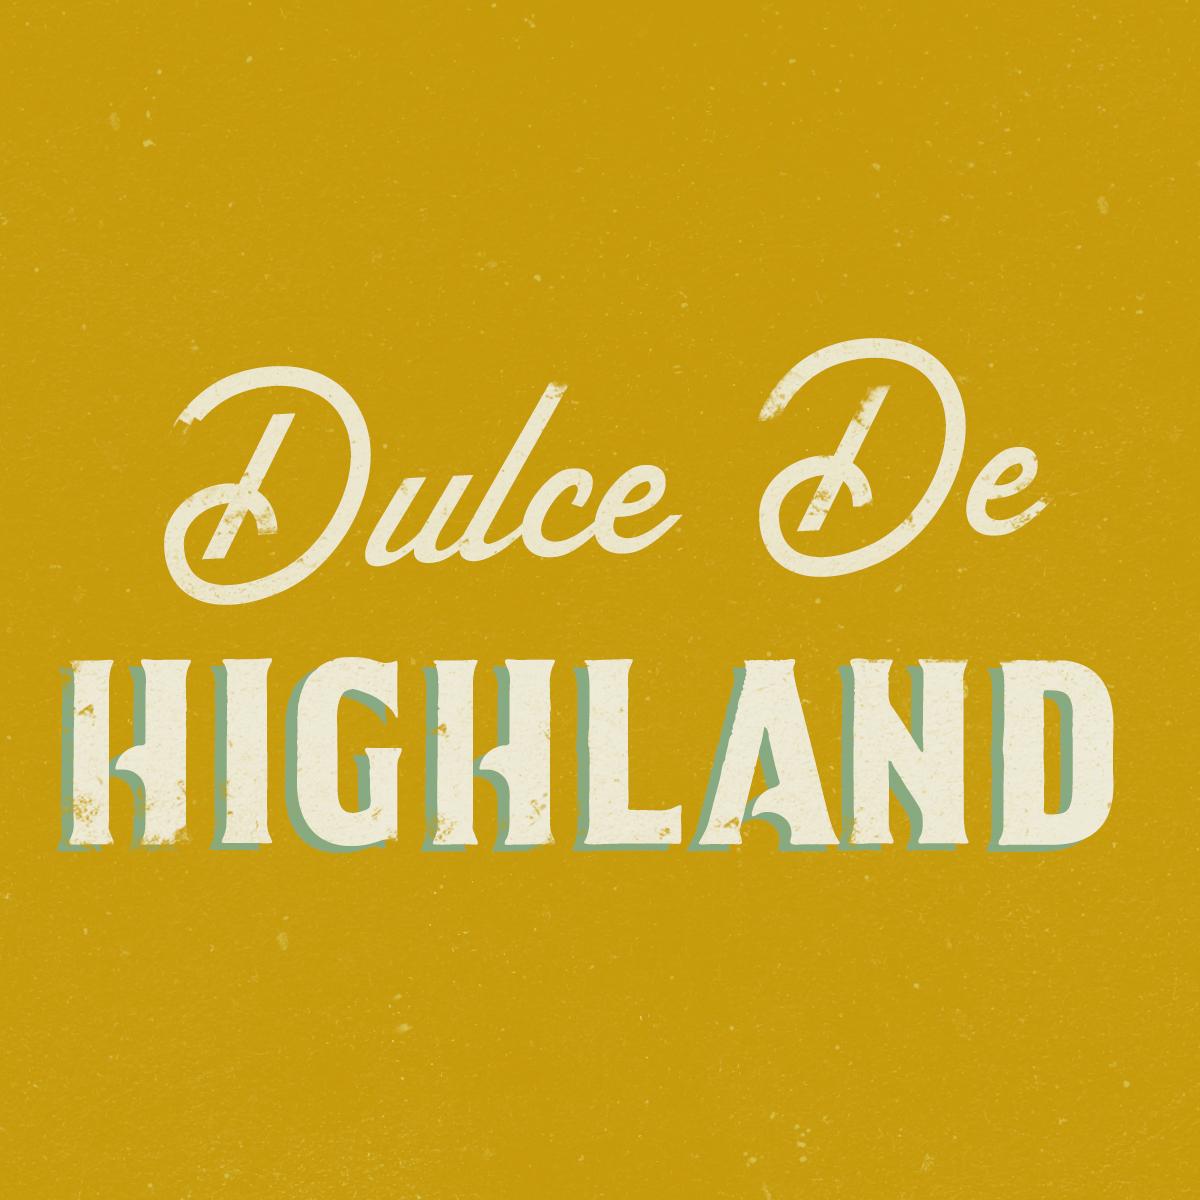 Dulce De Highland